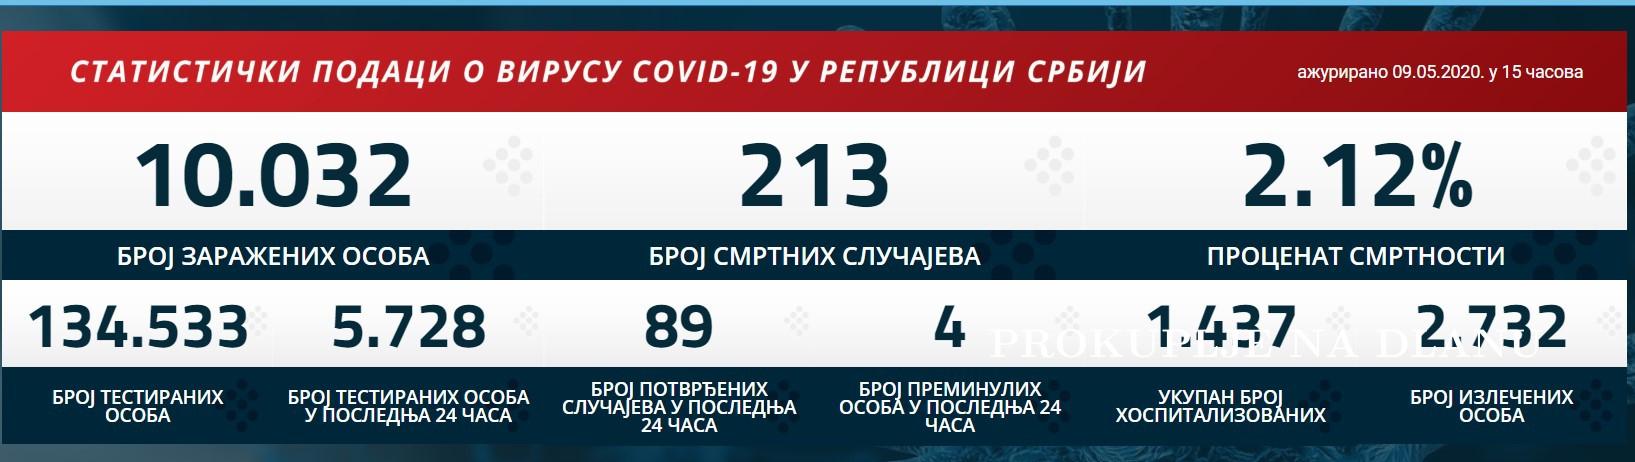 ДО ДАНАС УКУПНО 213 ПРЕМИНУЛИХ ОД КОРОНЕ